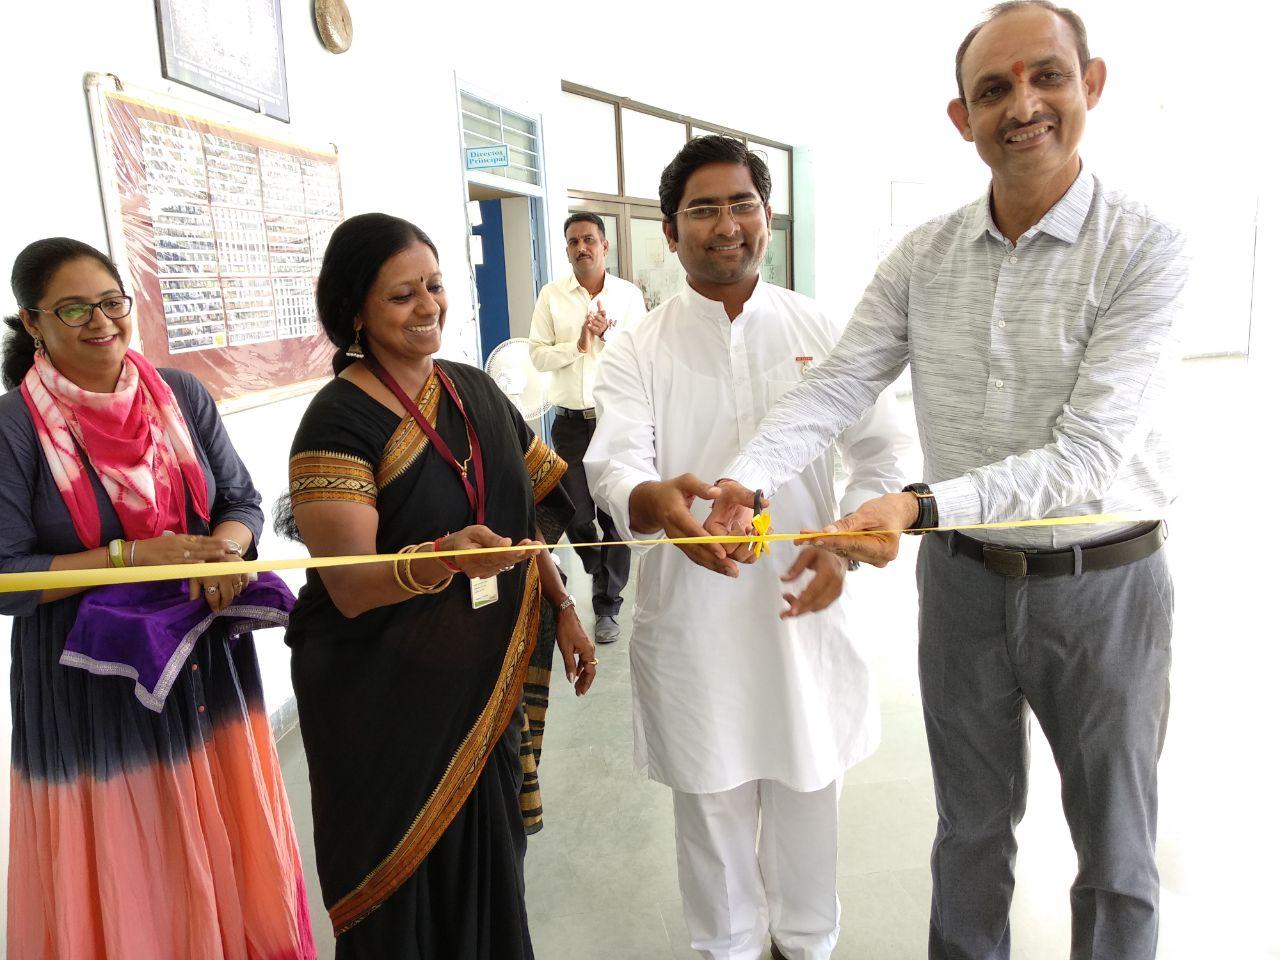 समर फेस्ट का किया आयोजन | shikharnews - Royal Rajasthan Public School 2018-05-05 17:07